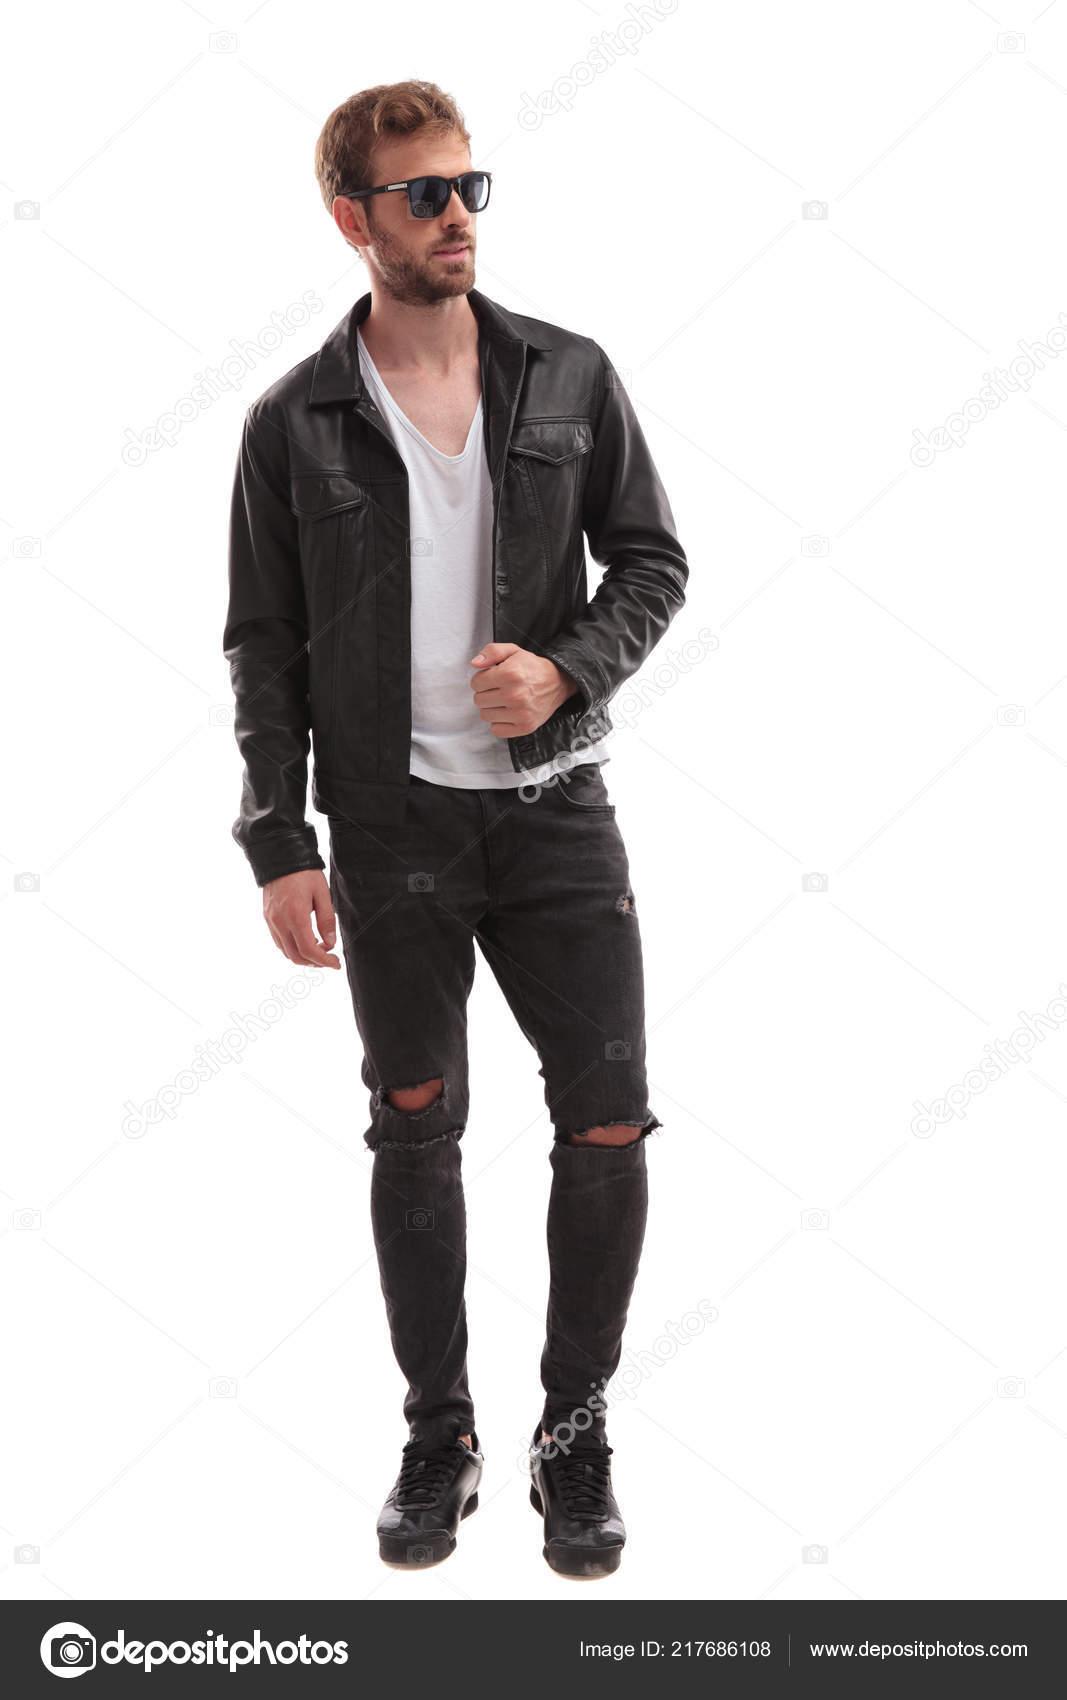 prix modéré prix abordable grande vente au rabais Bel Homme Cool Porter Veste Cuir Lunettes Soleil Ressemble ...